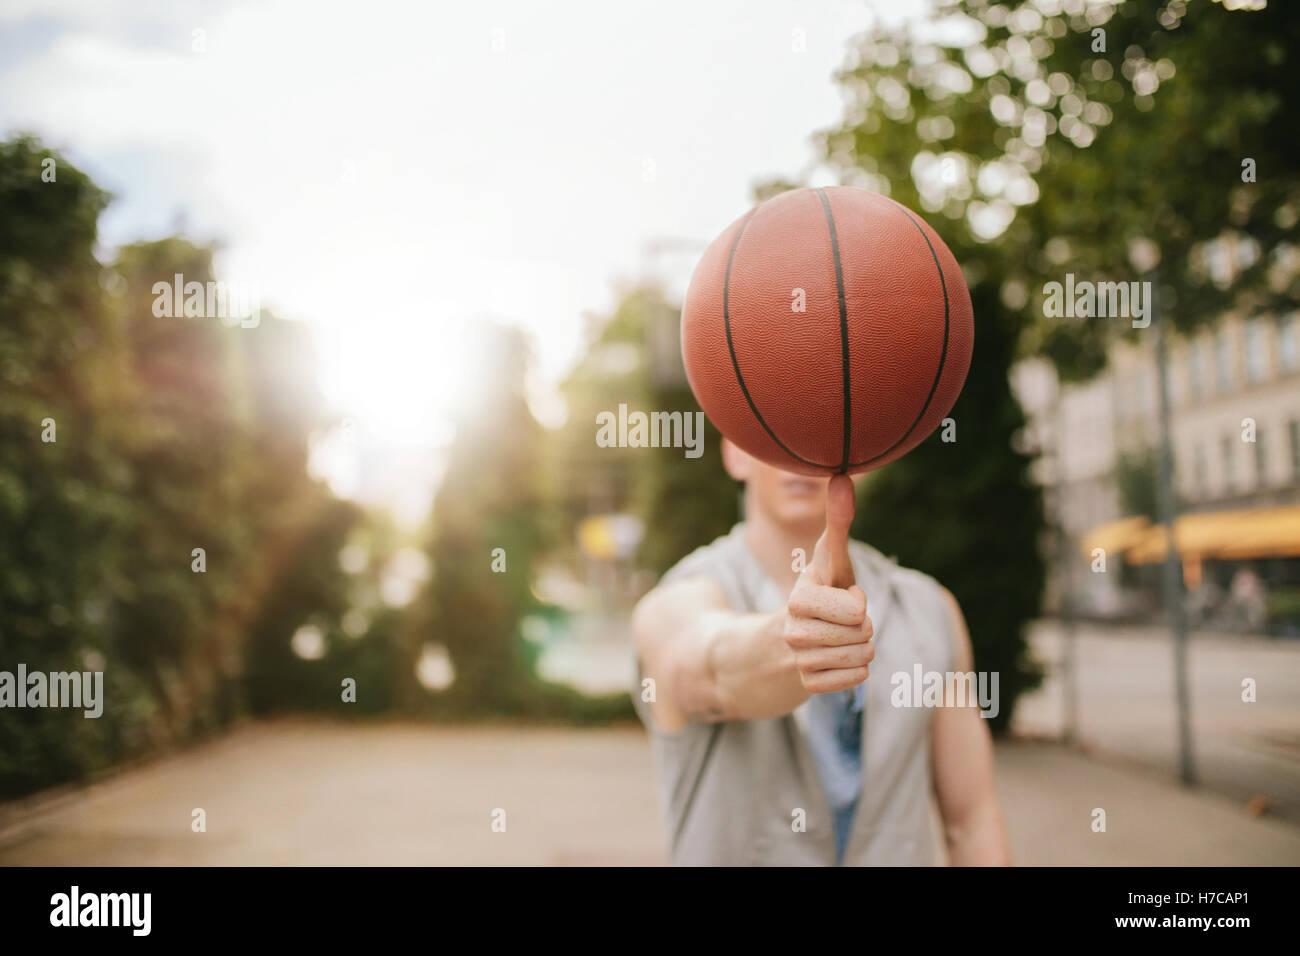 L'équilibrage de l'homme basket-ball sur son pouce sur la cour extérieure. Joueur de Streetball de faire tourner Banque D'Images